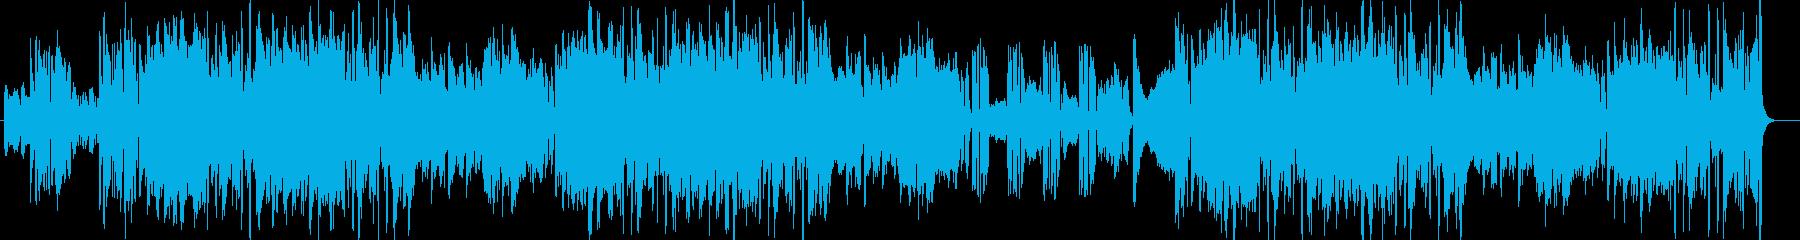 疾走感のあるボサノバの再生済みの波形